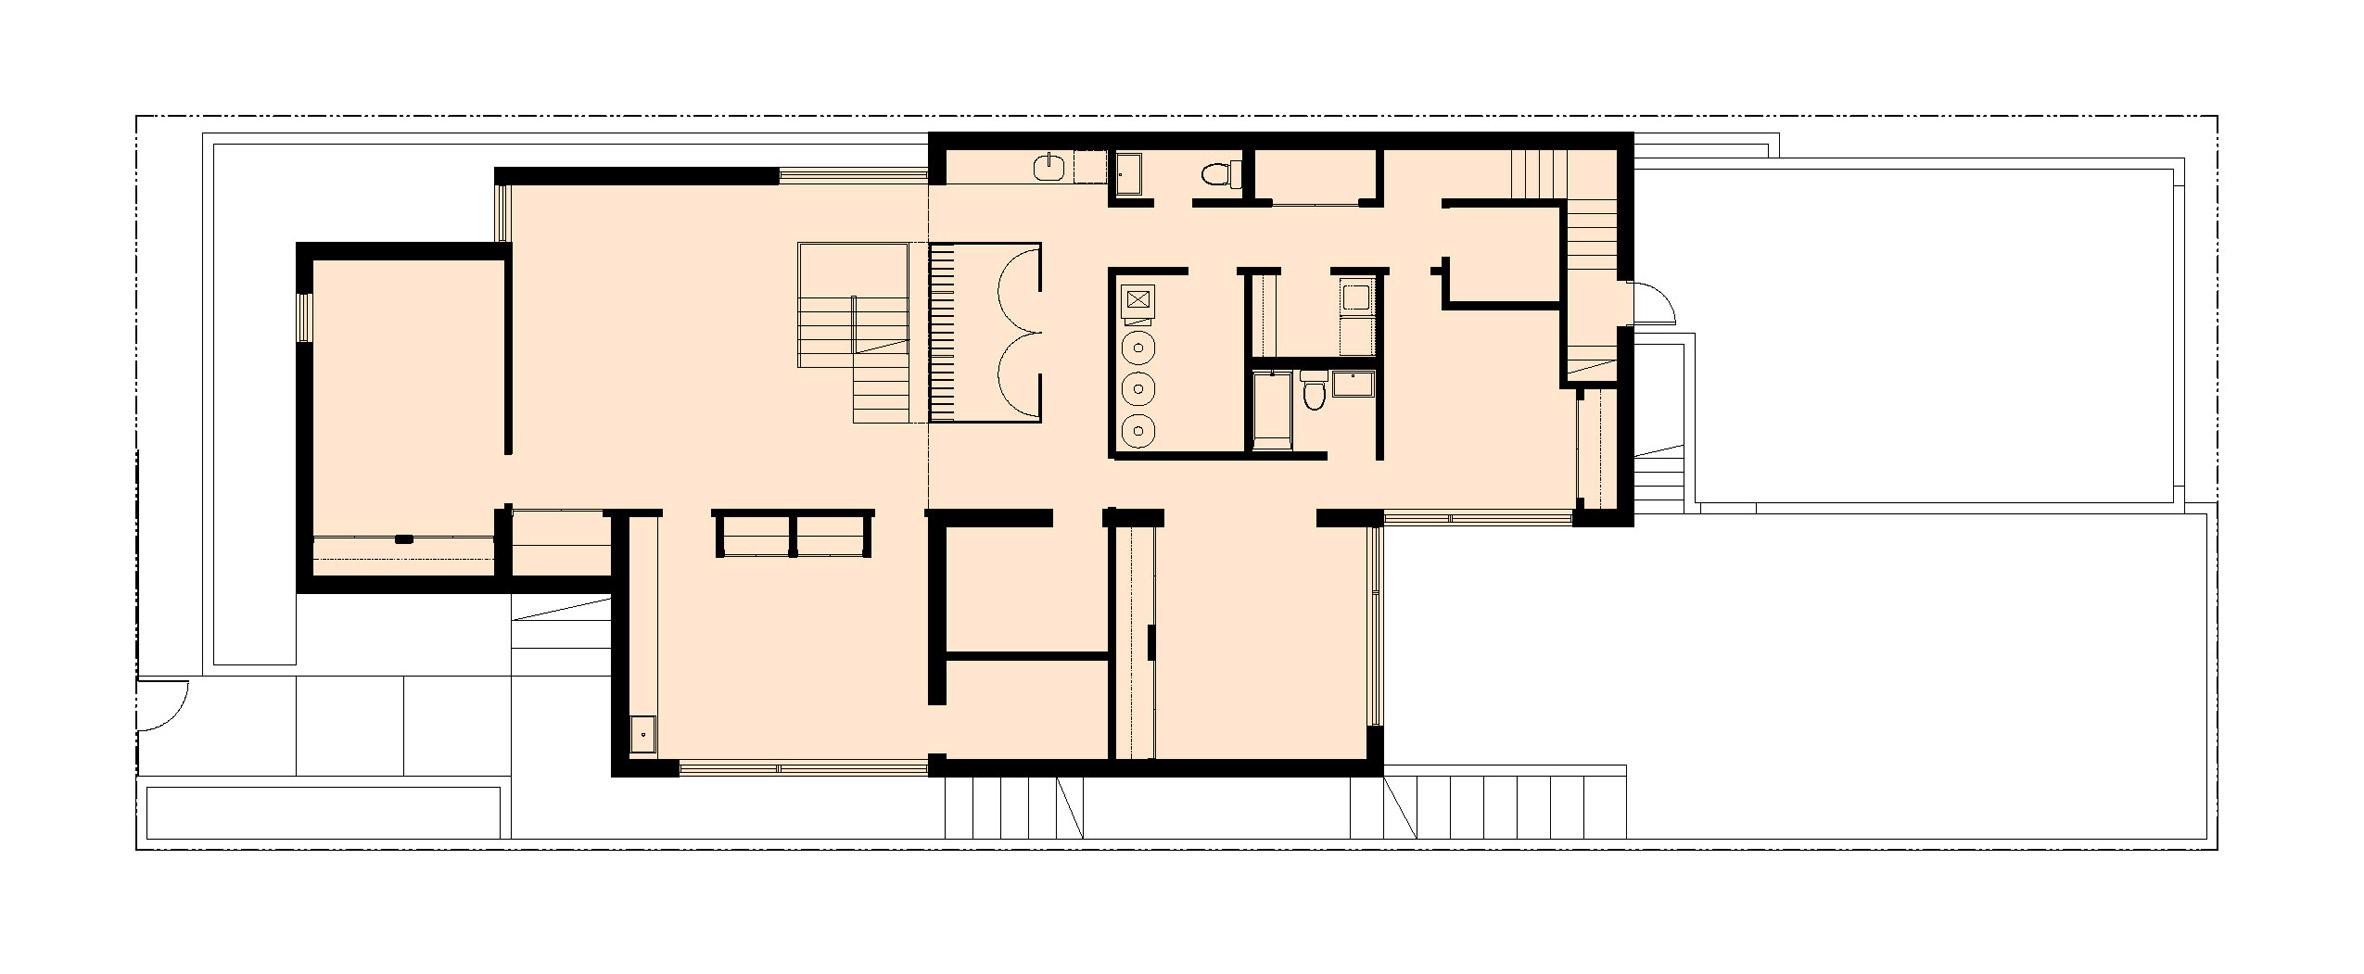 Phòng khách nhỏ đẹp hiện đại 8